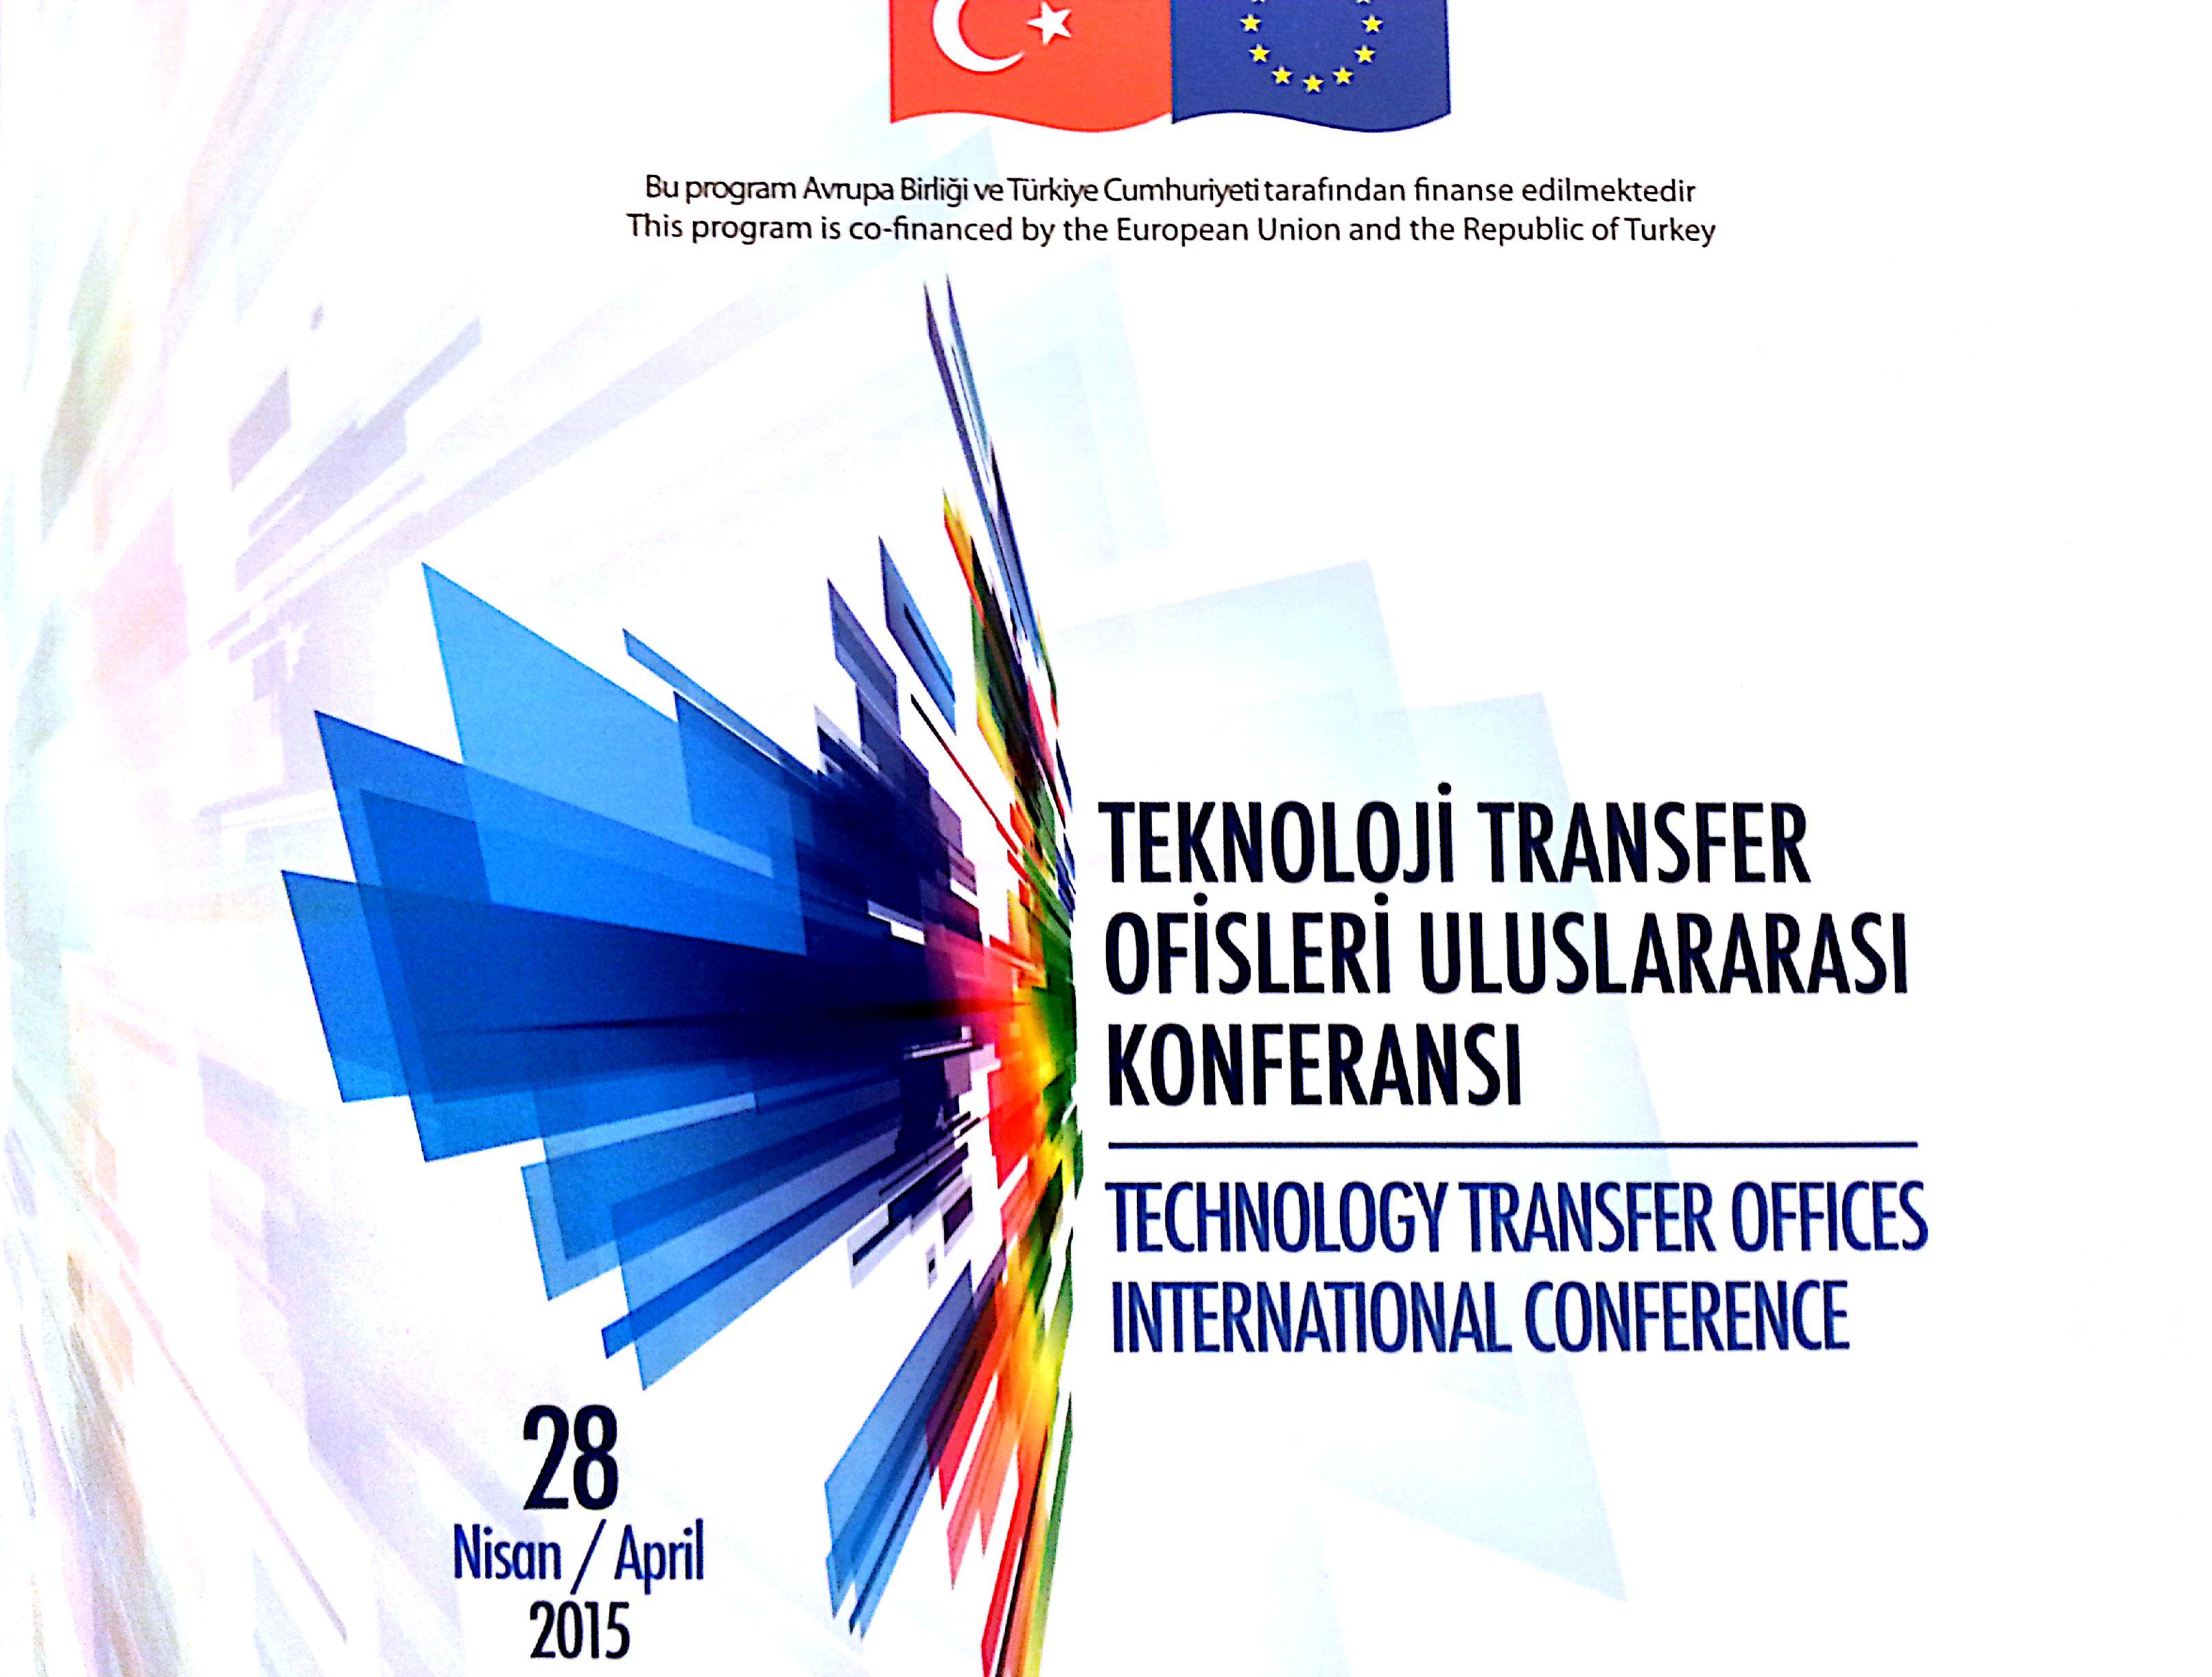 Teknoloji Transfer Ofisleri Uluslararası Konferansı gerçekleştirildi